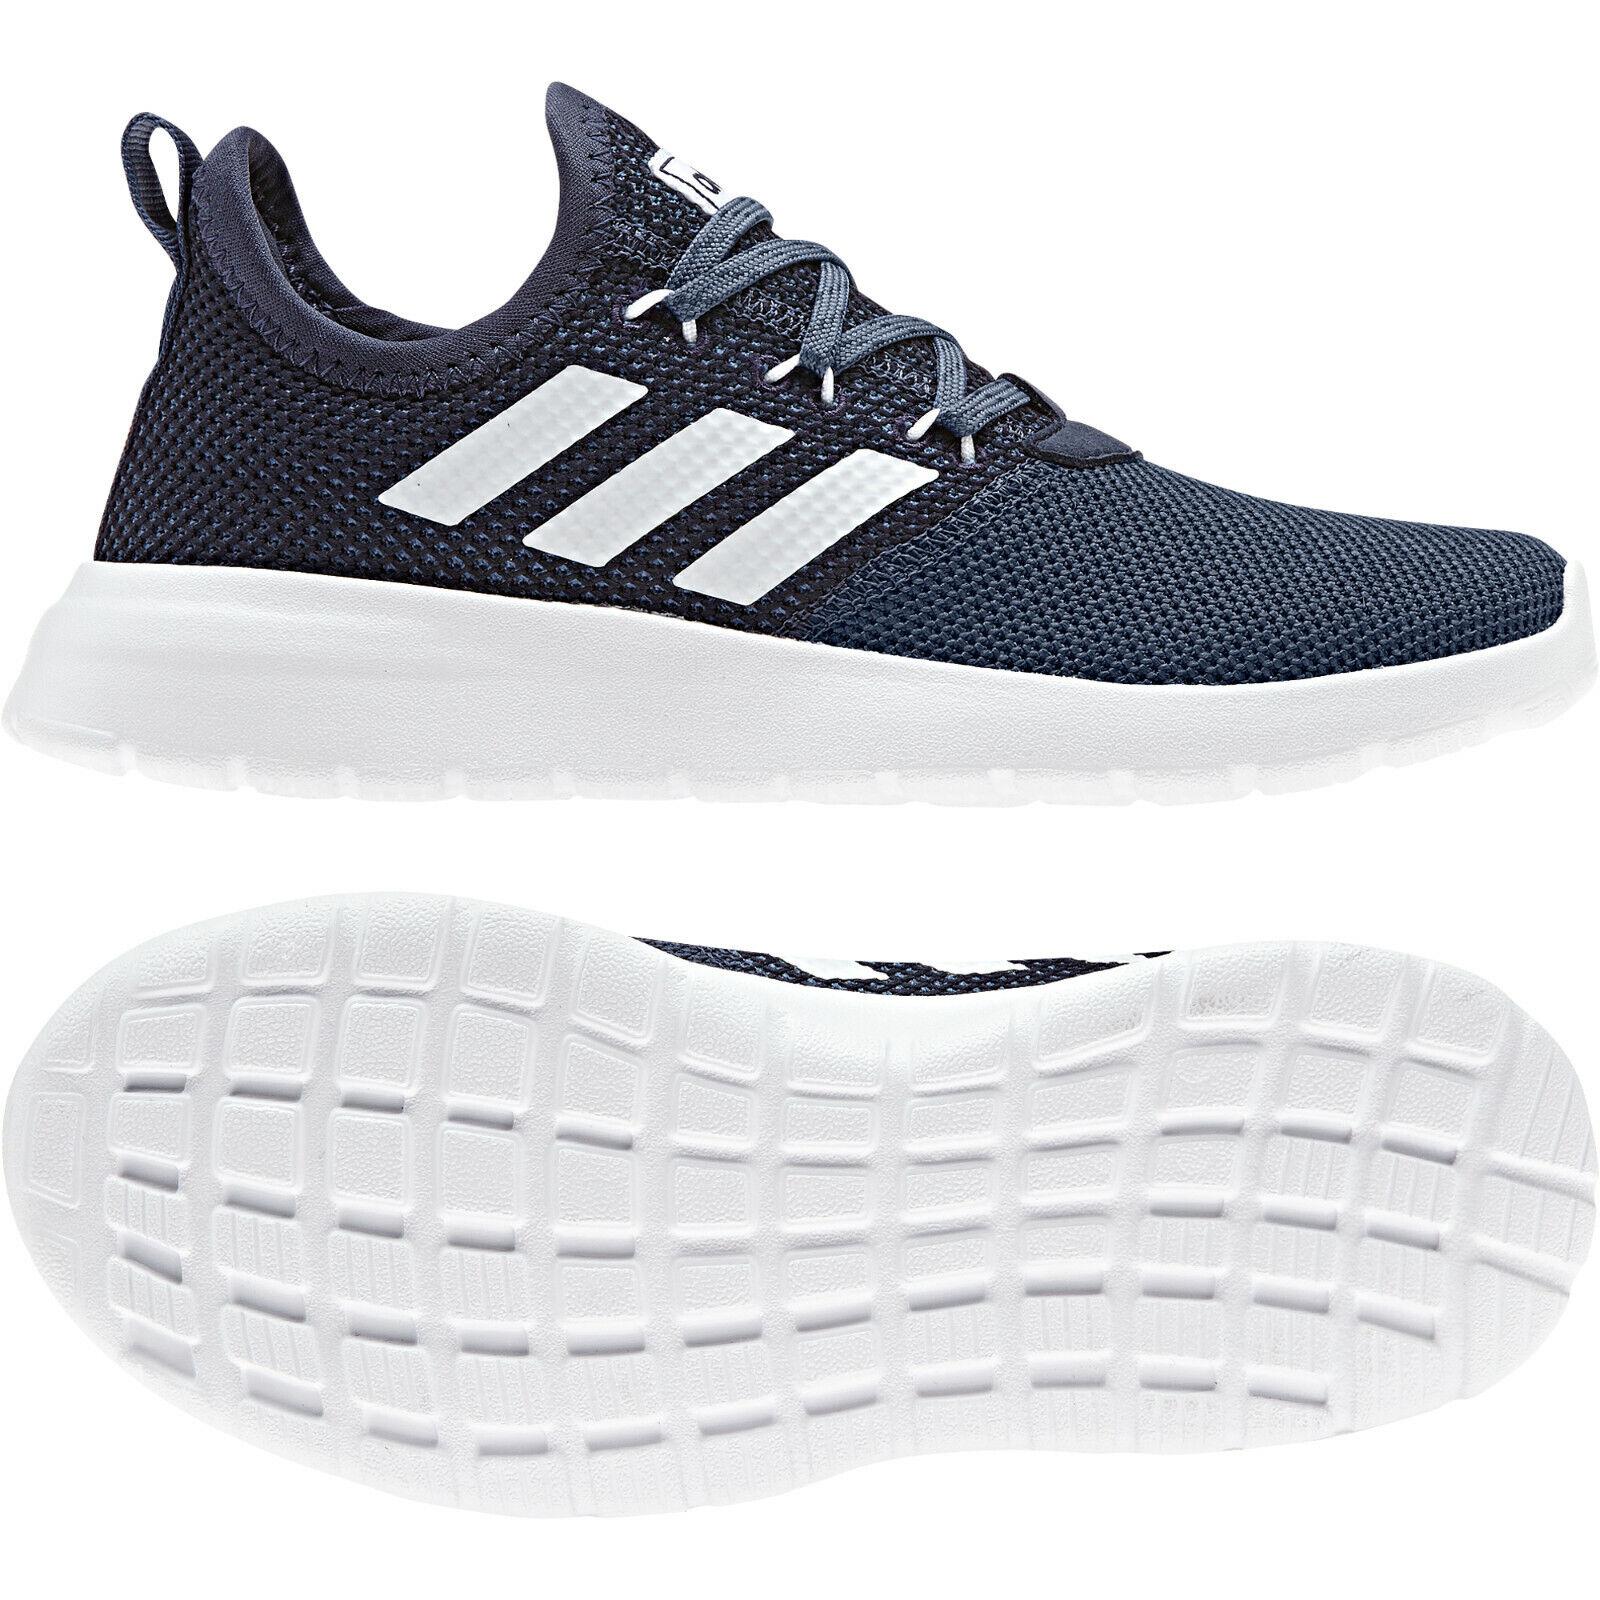 Kinderschuhe Jungen 32 Adidas Test Vergleich +++